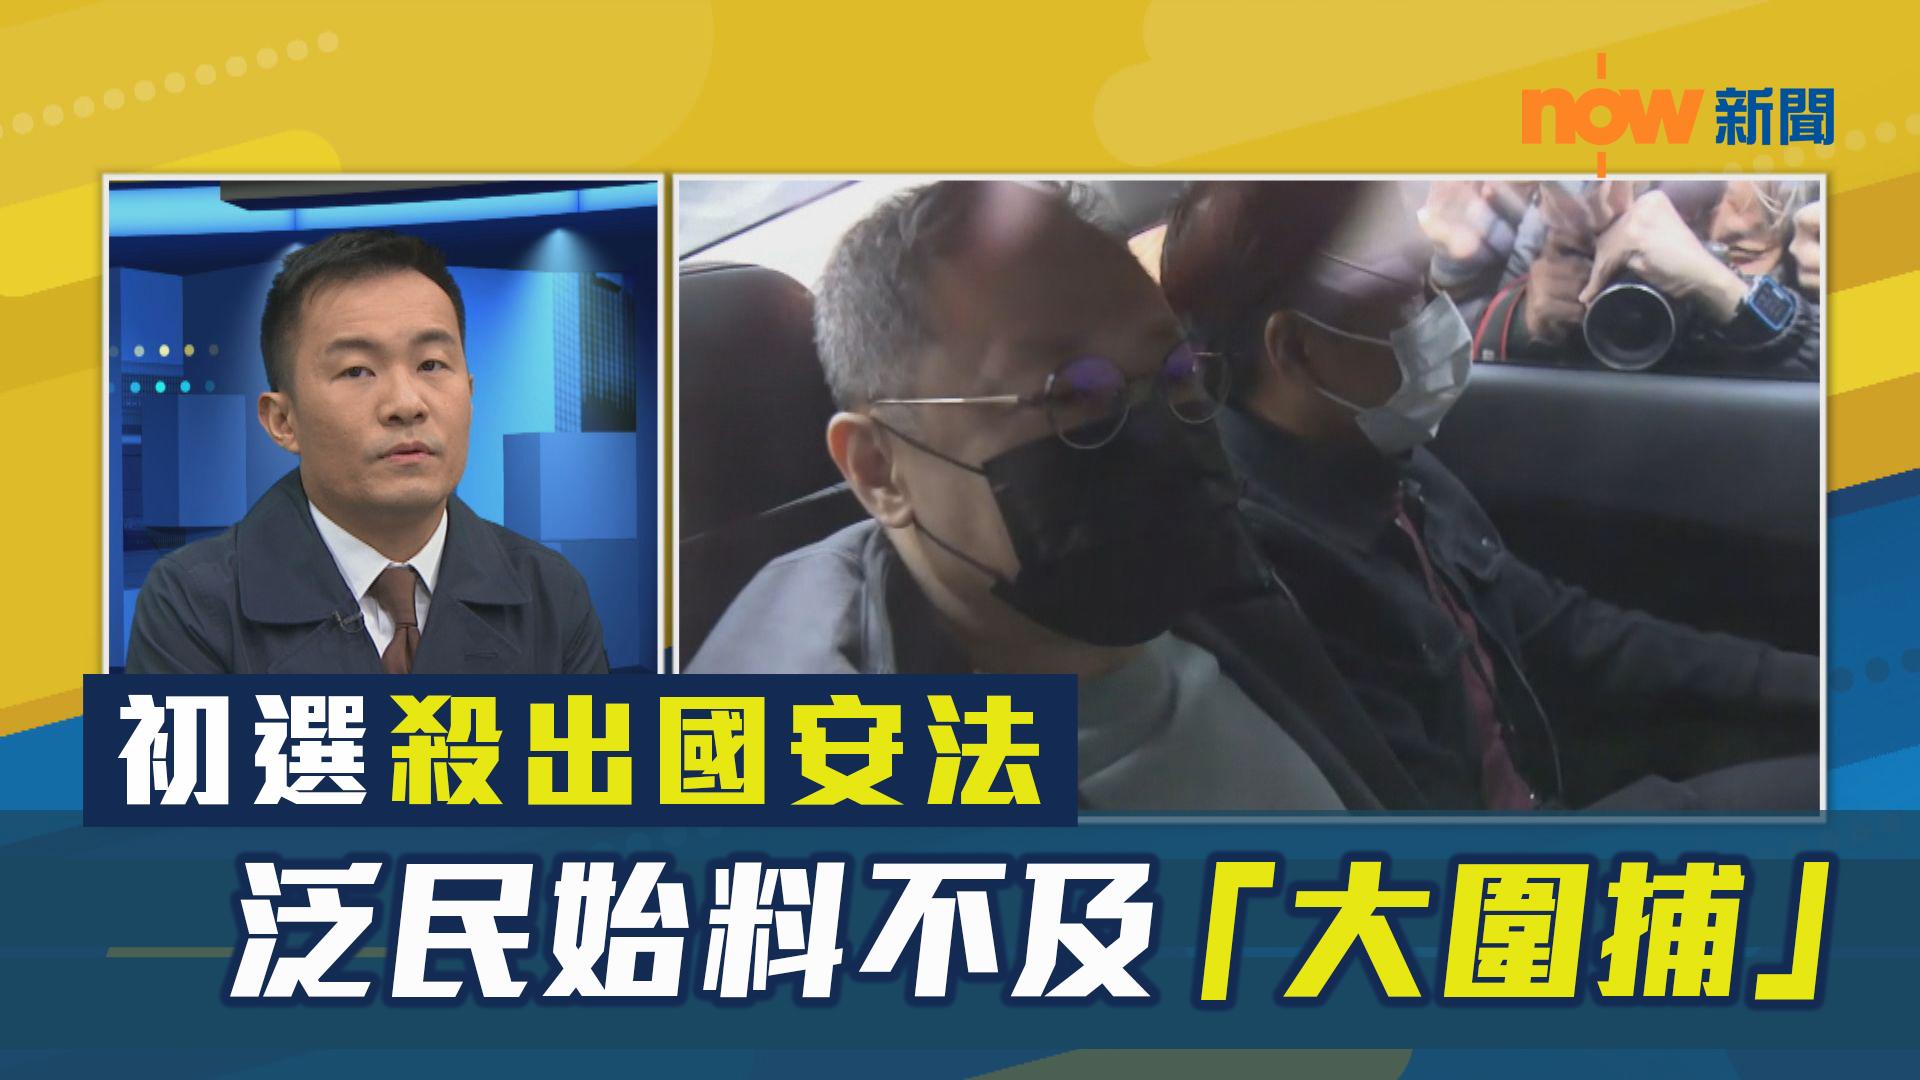 【政情】初選殺出國安法 泛民始料不及「大圍捕」